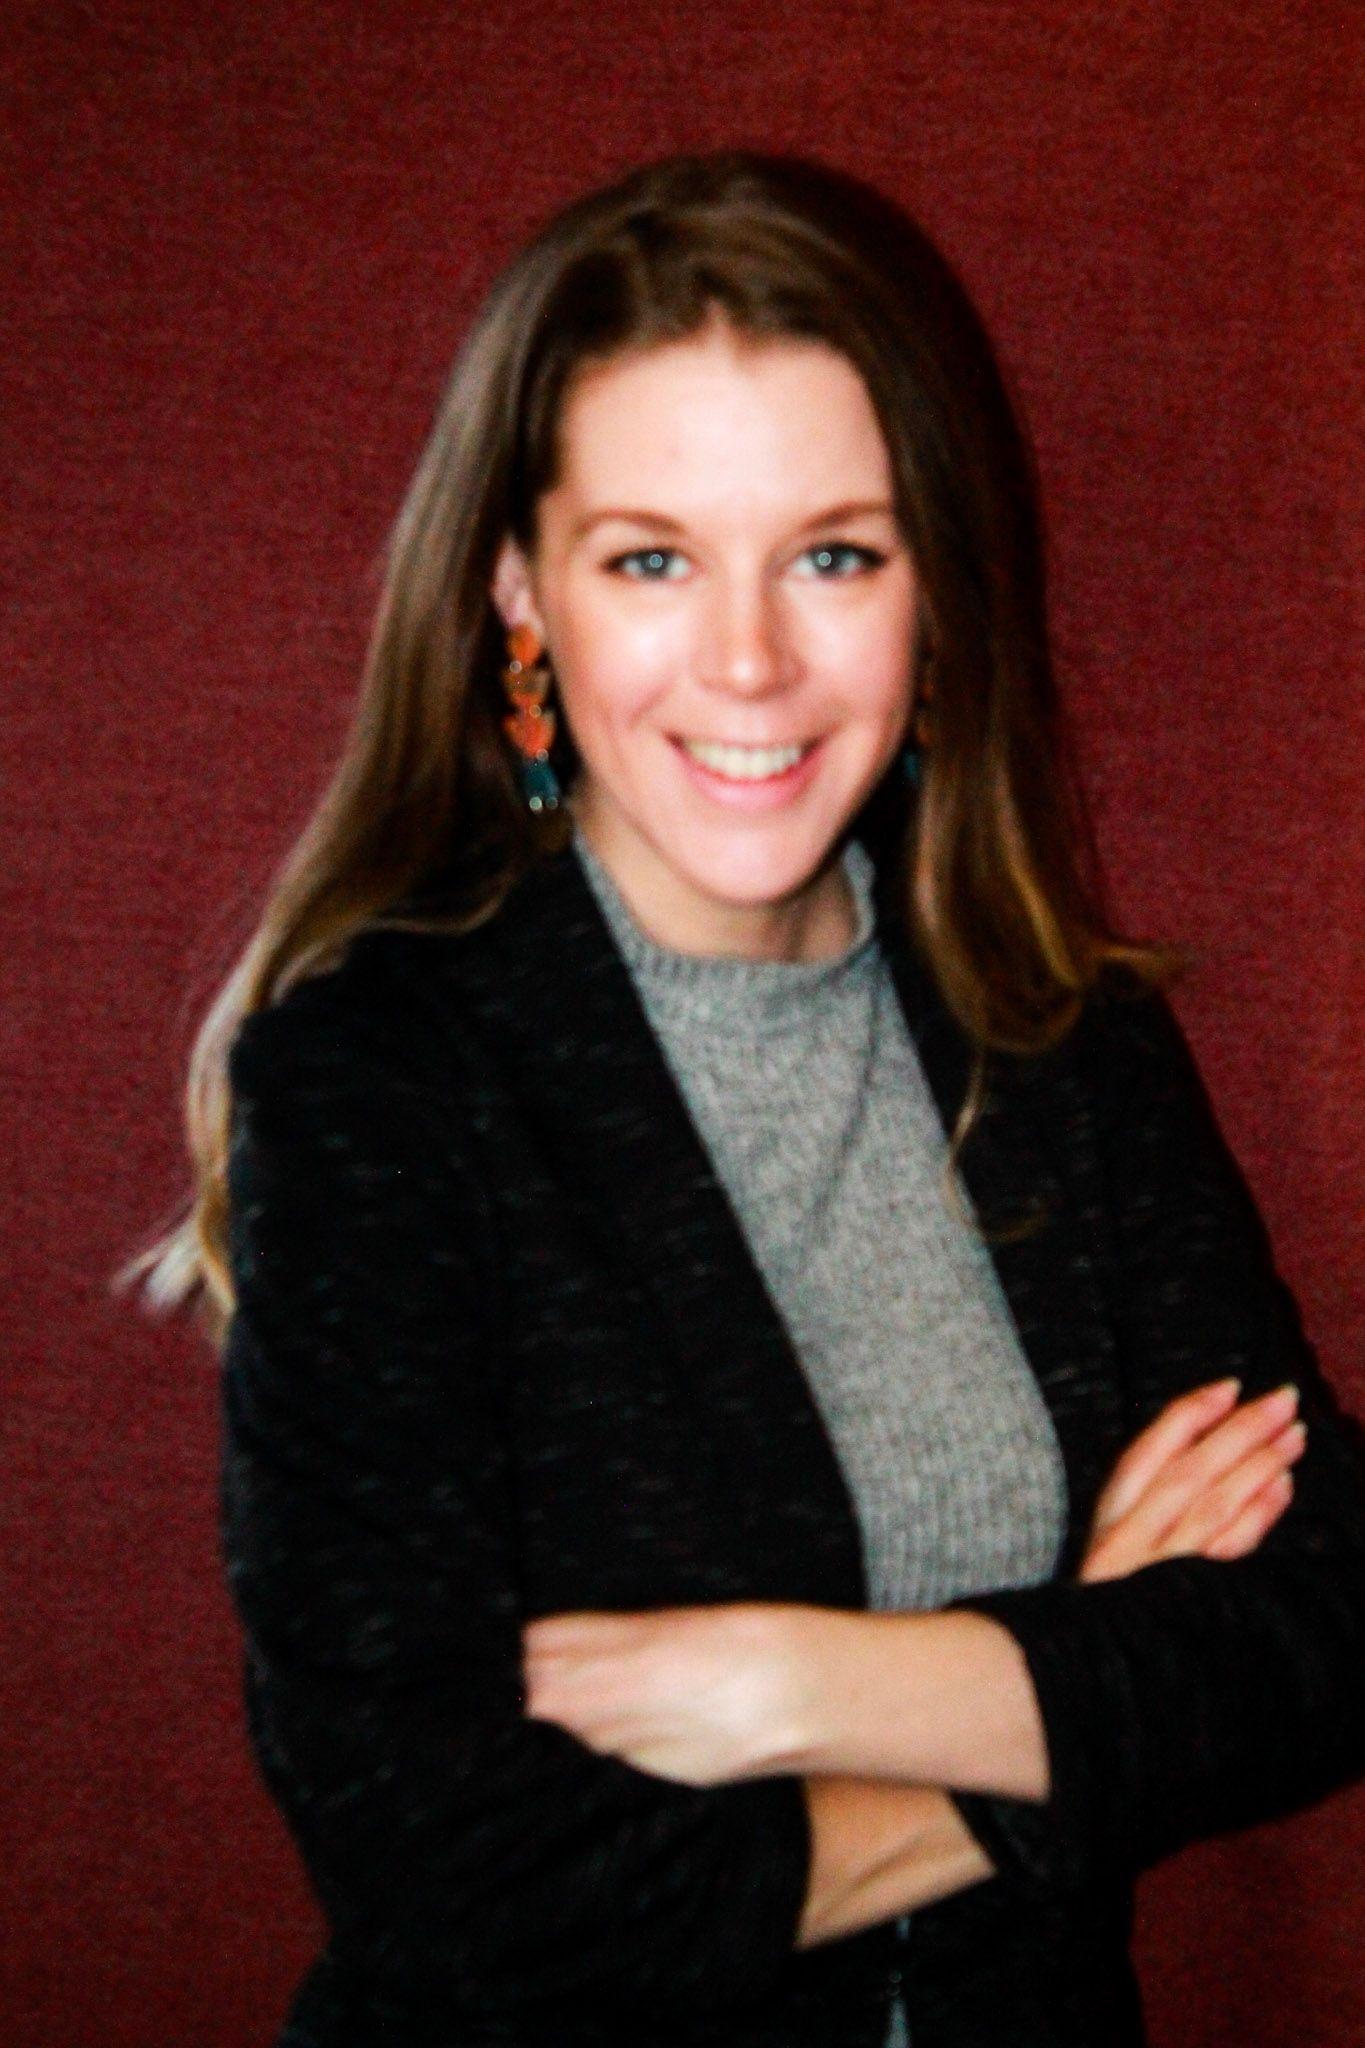 Jessica Barratt